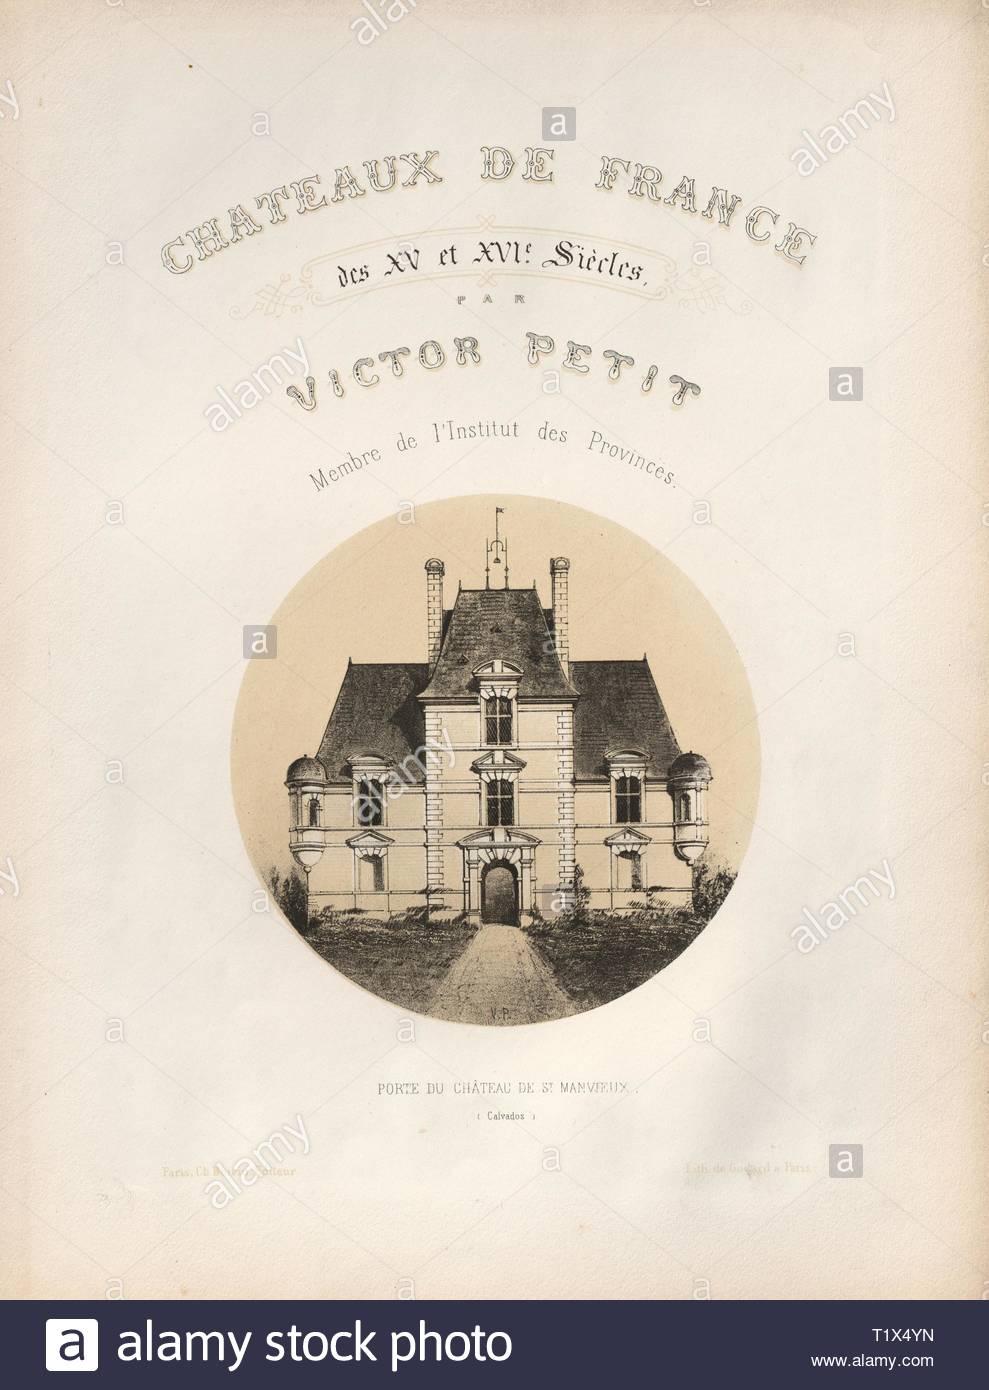 Architecture Pittoresque ou Monuments des xveme. Et xvieme. Siecles: Chateaux De France des XV et XVI Siecles: Frontispiece, Porte du Château de St Manvieux (Calvados), 1860. Victor Petit (French, 1817-1874), Ch. Boivin; Printer: Godard, Paris; Printmaker: Victor Petit. Lithograph, from portfolio of 100 lithographs with tint stone; sheet: 36 x 27.5 cm (14 3/16 x 10 13/16 in.). - Stock Image